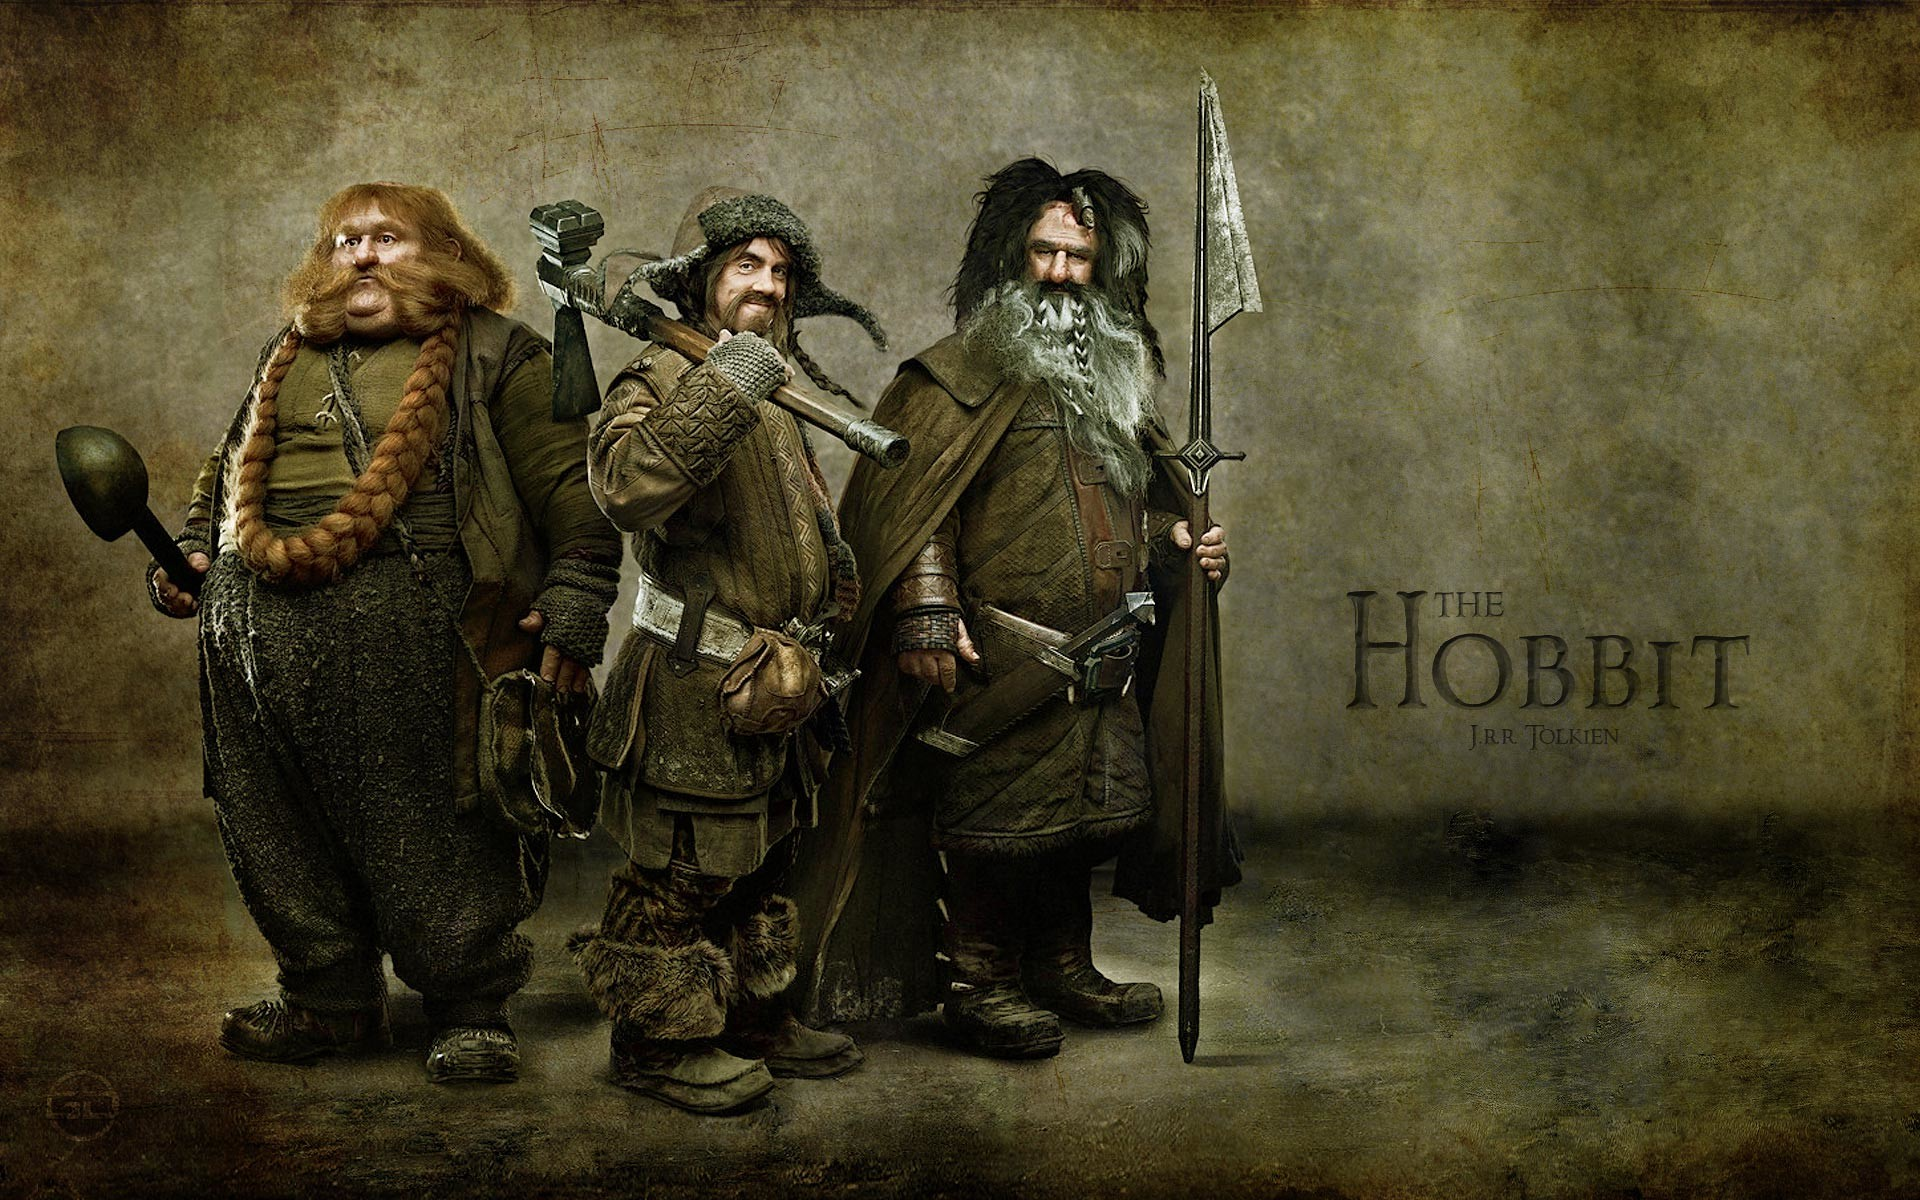 Res: 1920x1200, The Hobbit Desktop Wallpapers HD Free Download.